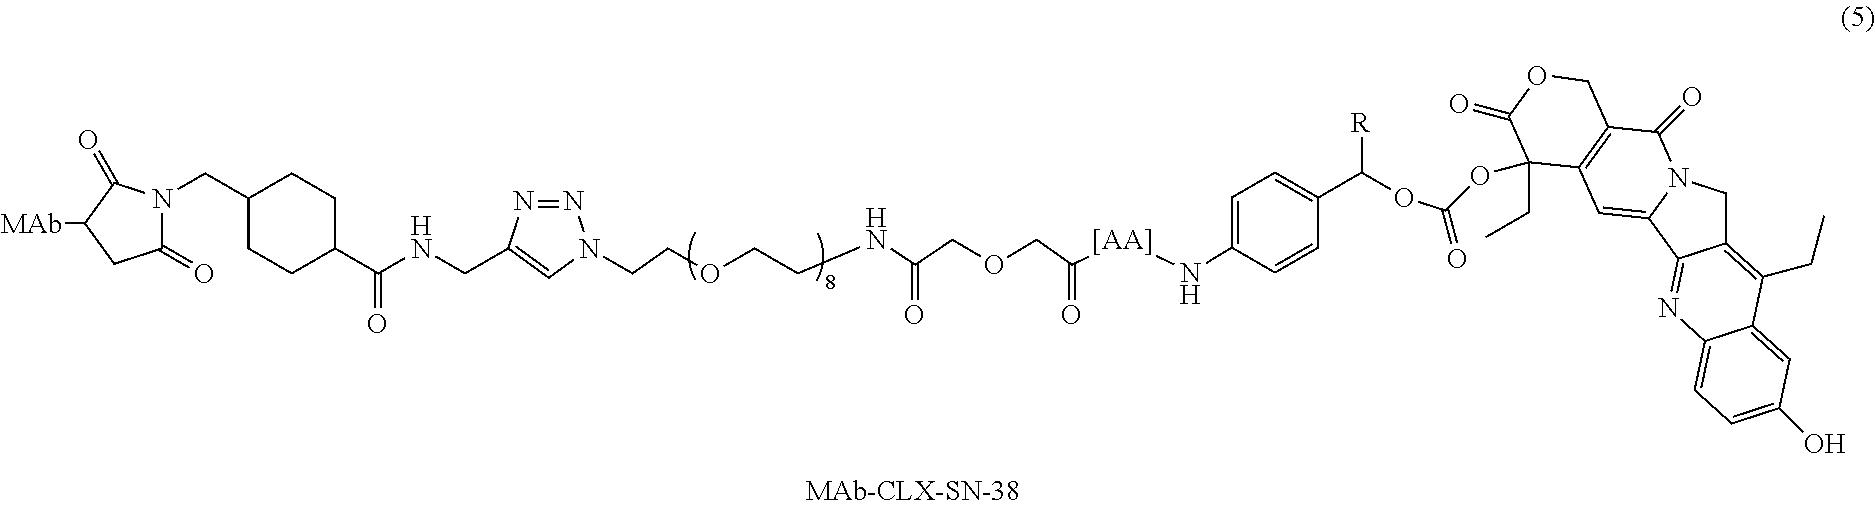 Figure US08741300-20140603-C00005